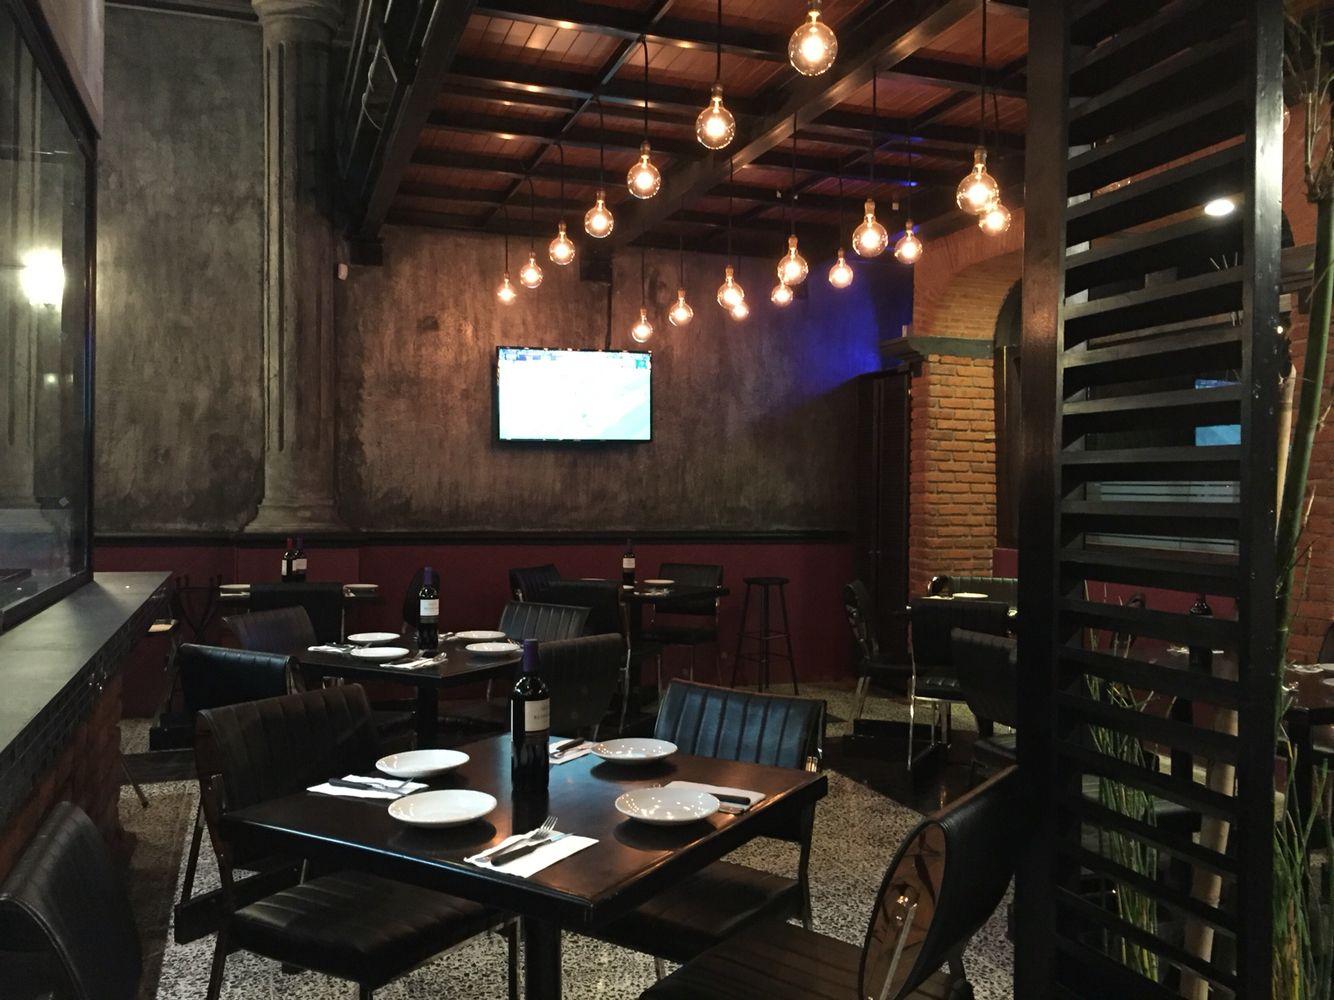 Restaurant Asador M H Restaurant Asador M H Tulancingo Hidalgo  # Muebles Tulancingo